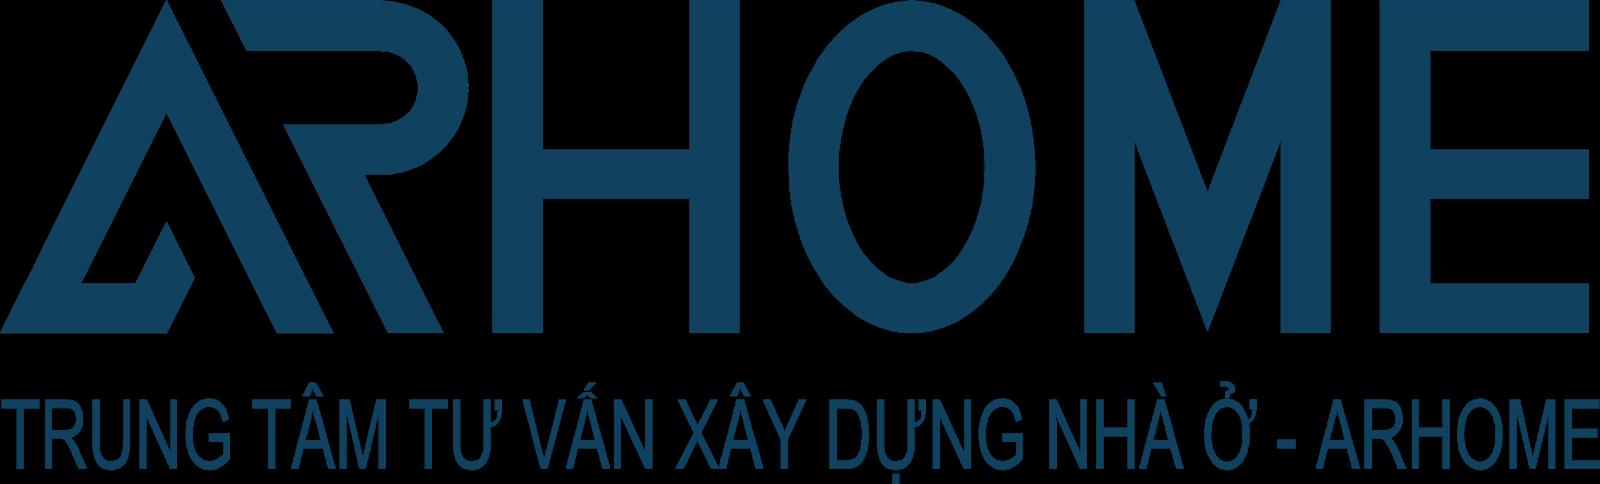 Dịch vụ thiết kế kiến trúc nhà ở số 1 Hà Nội